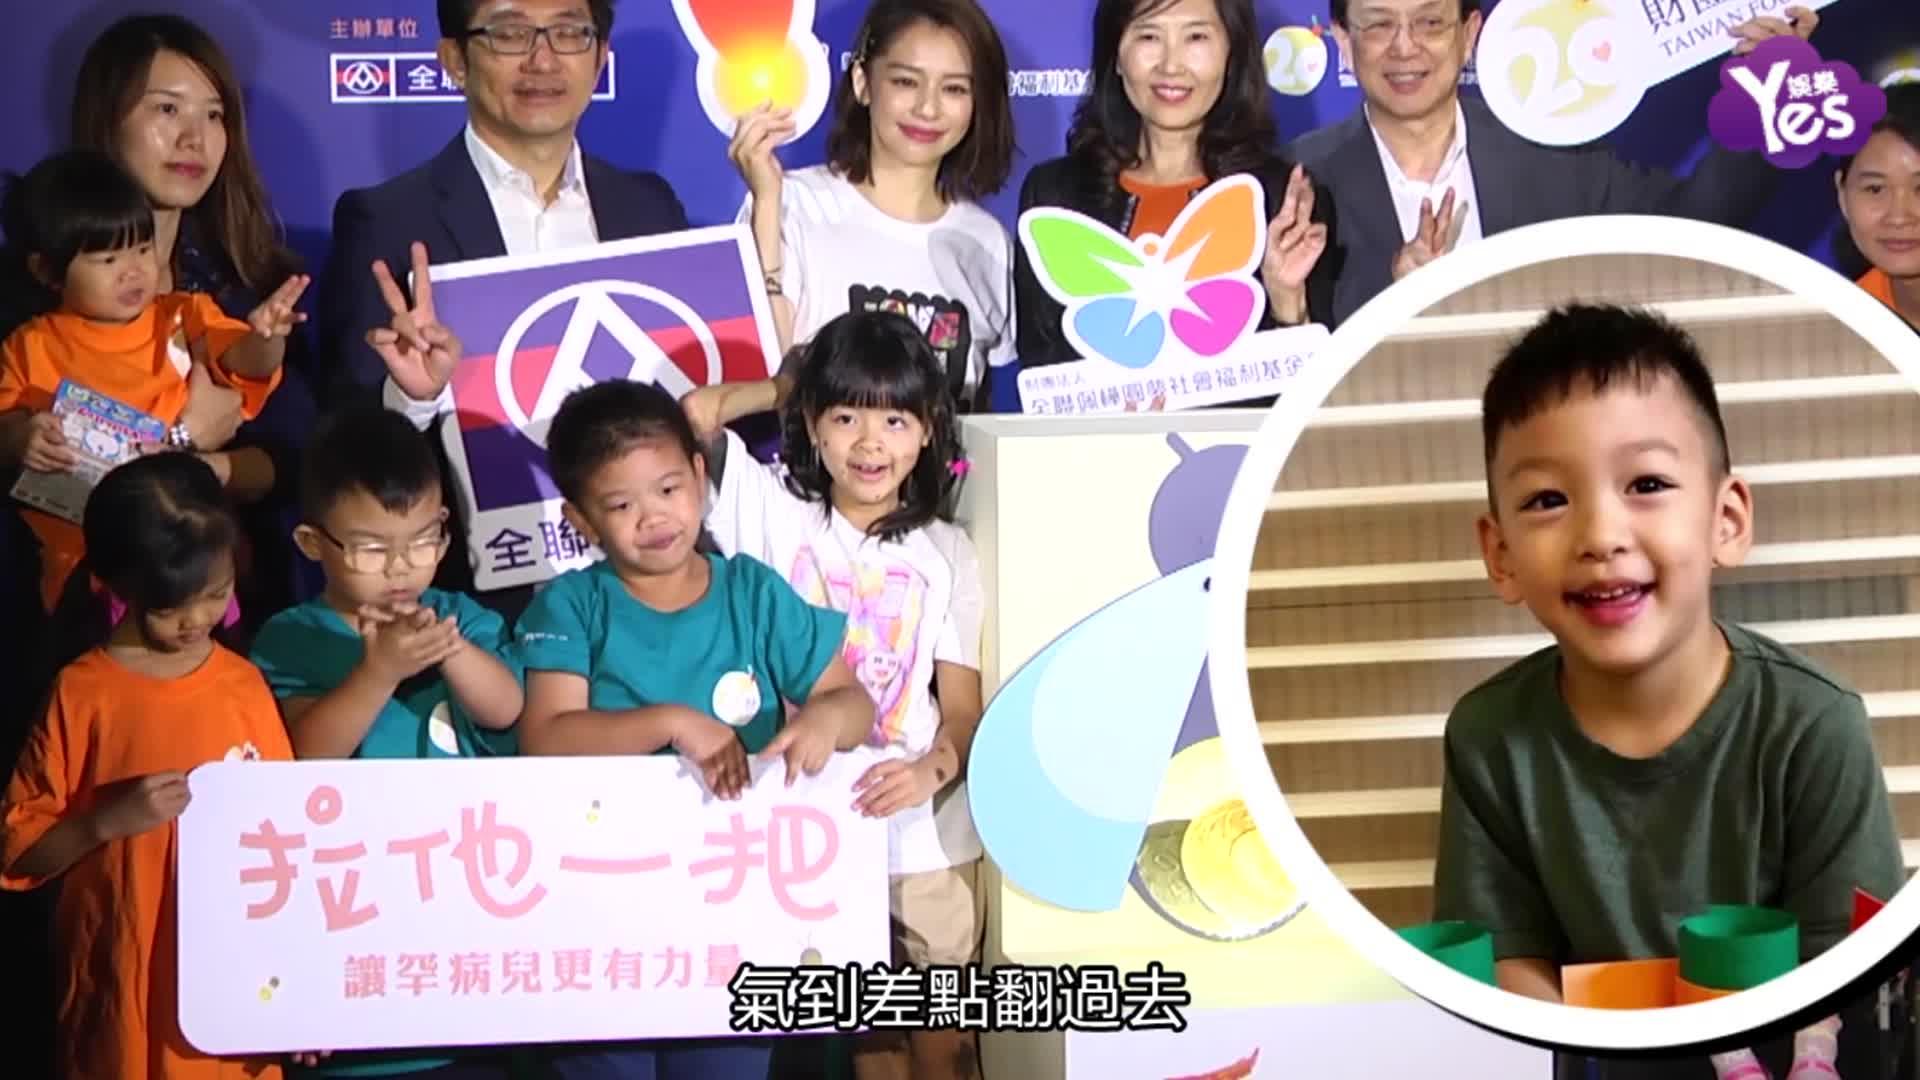 徐若瑄被儿子一句话惹毛 无缘金马影后不遗憾